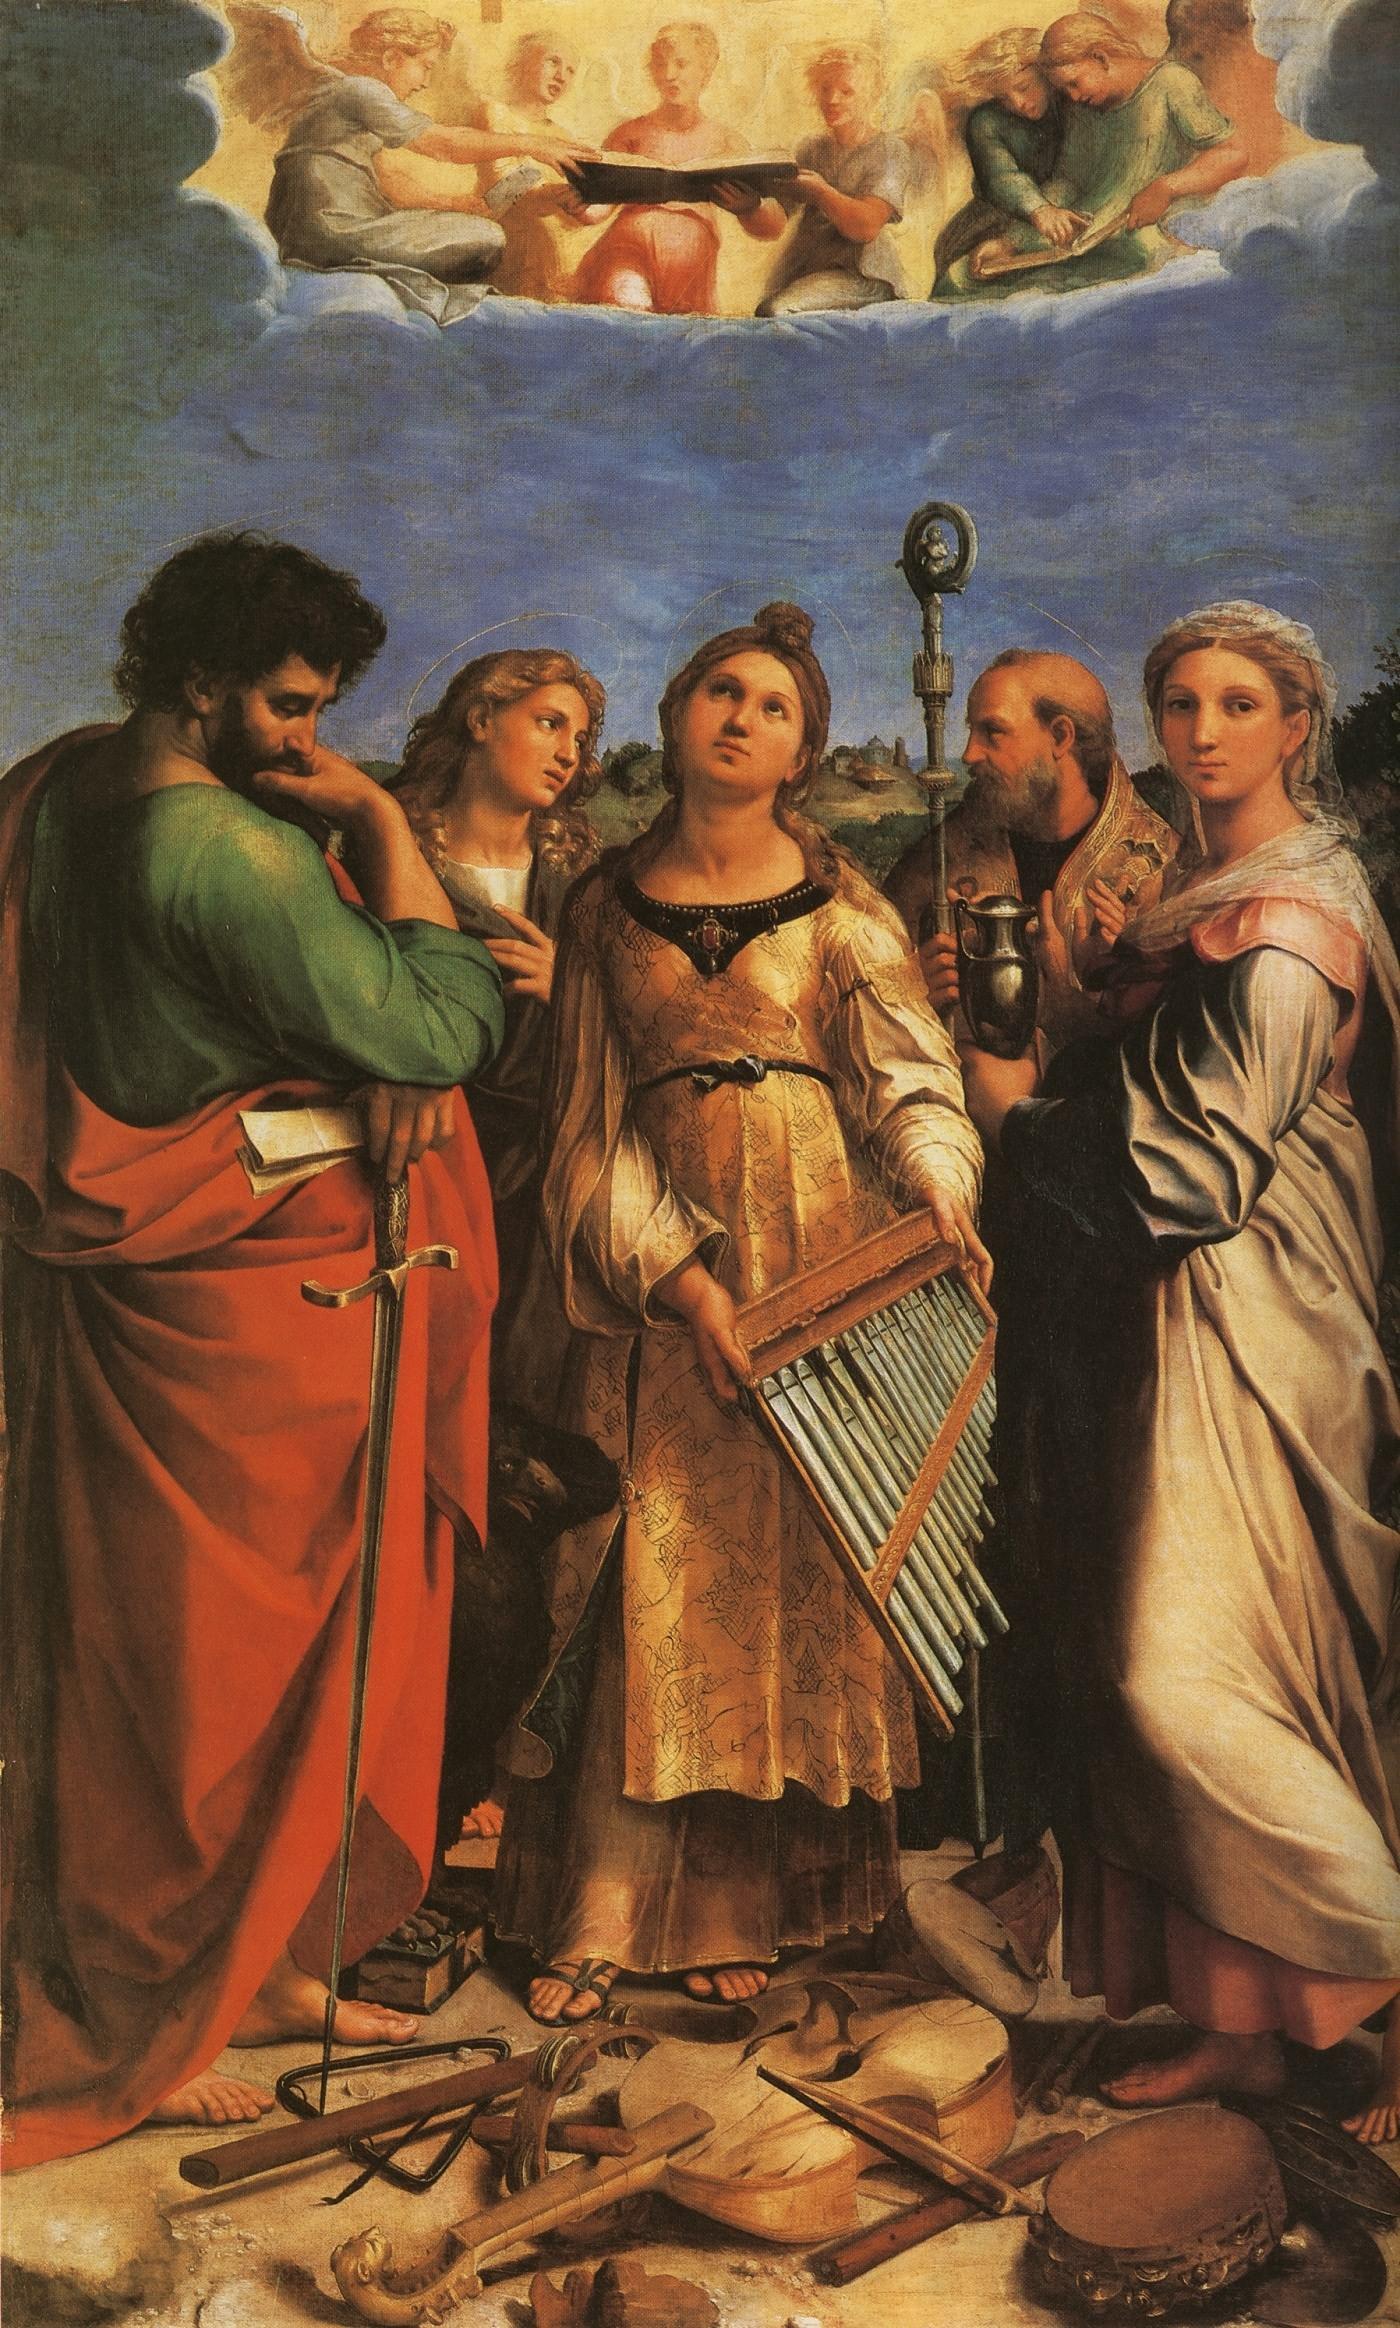 西方美术欣赏(12)永远的拉斐尔